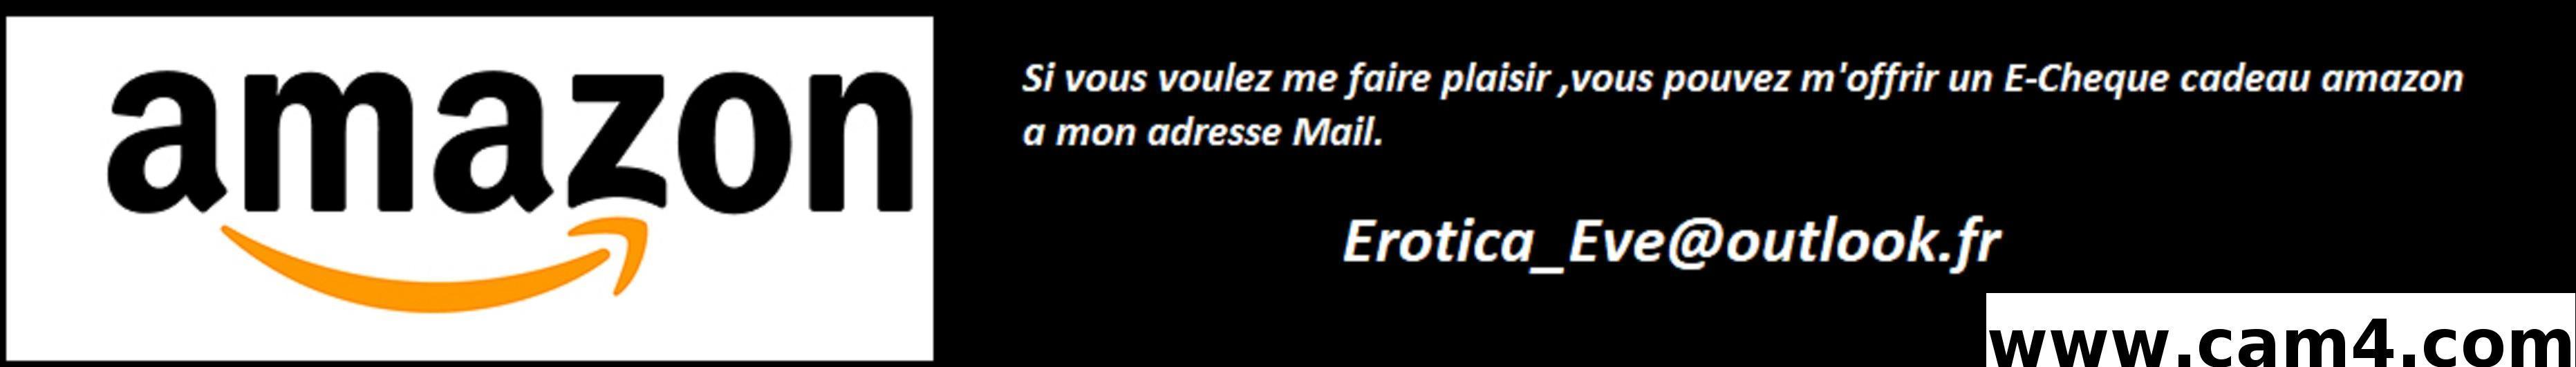 Erotica eve?s=1x1ml3rlvm+x+k30wj3rhd0mlzgskls71wtcqolit9w=